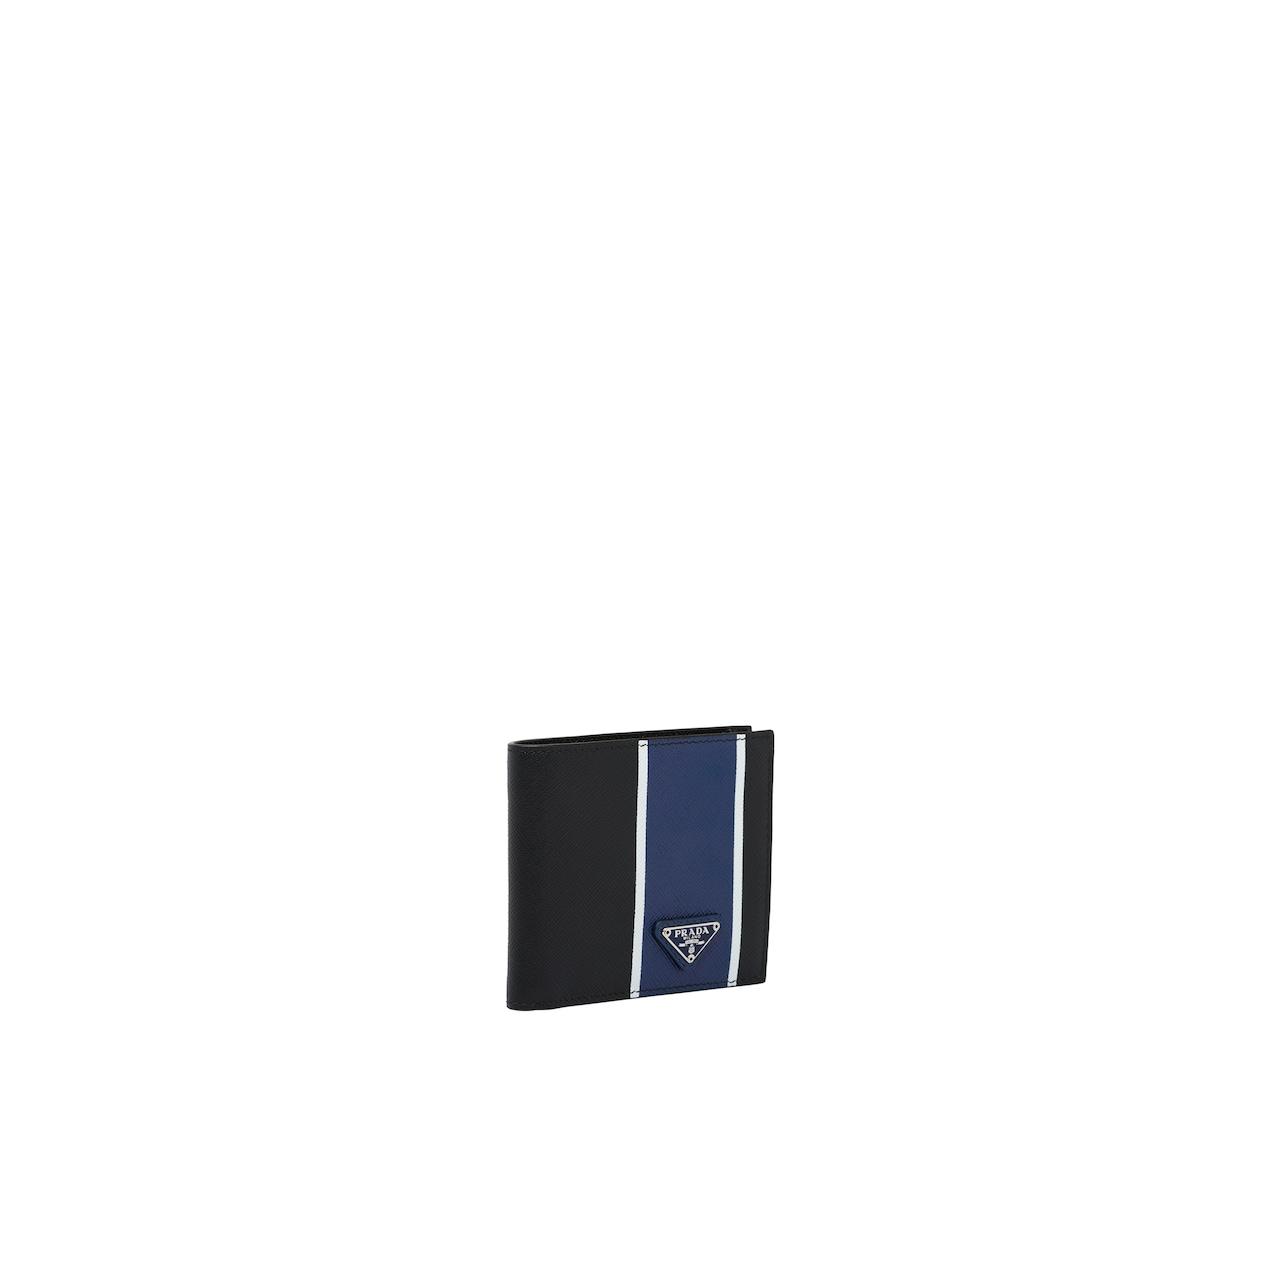 Prada サフィアーノレザー 財布 4